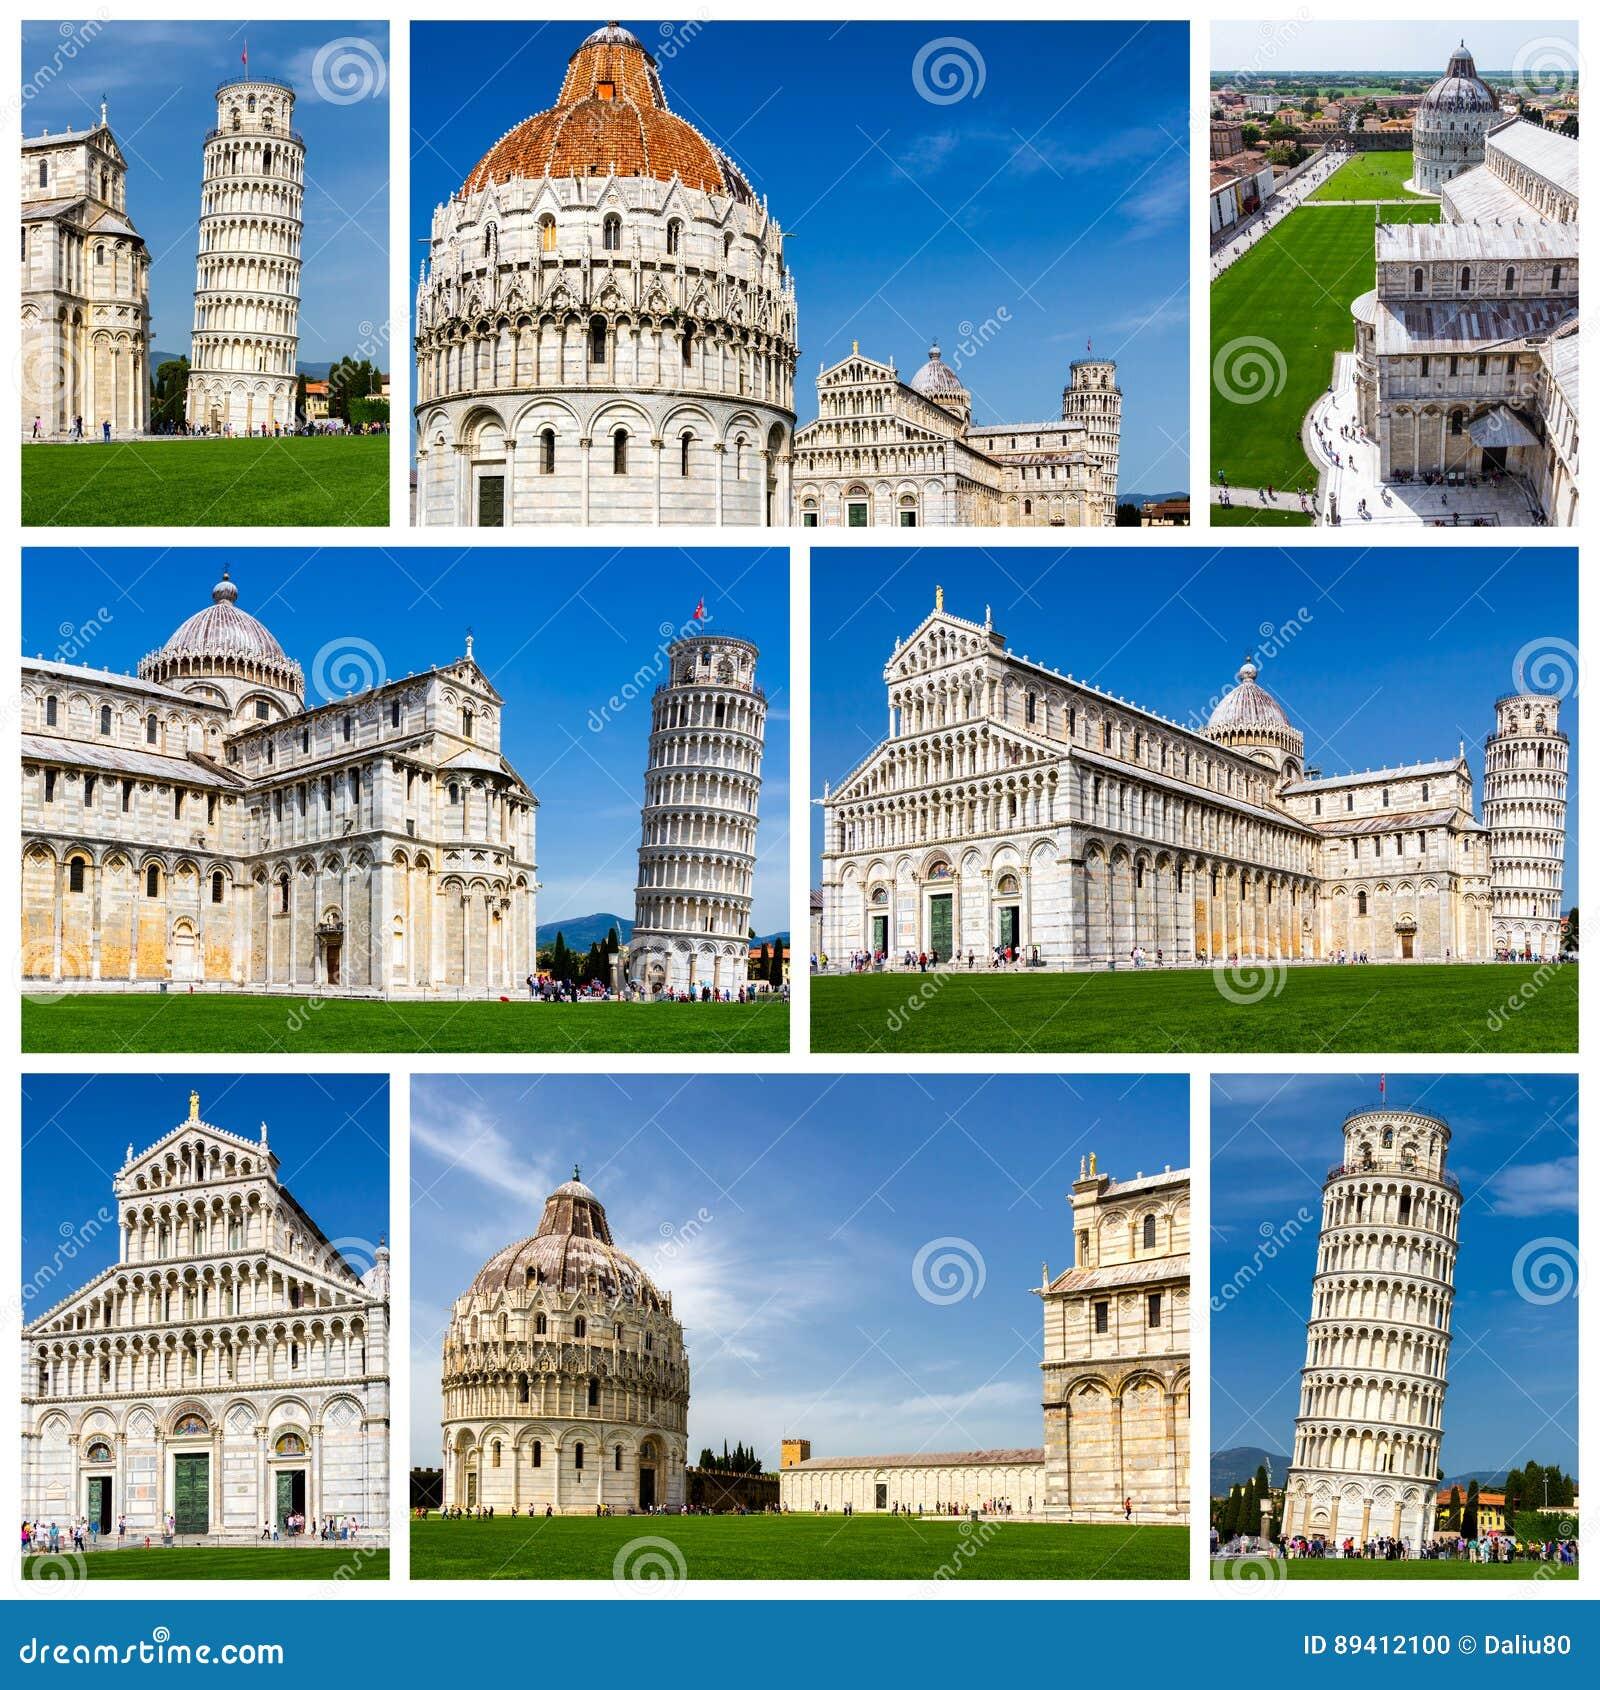 Colagem de fotos de Pisa em Itália (torre inclinada de Pisa, praça d